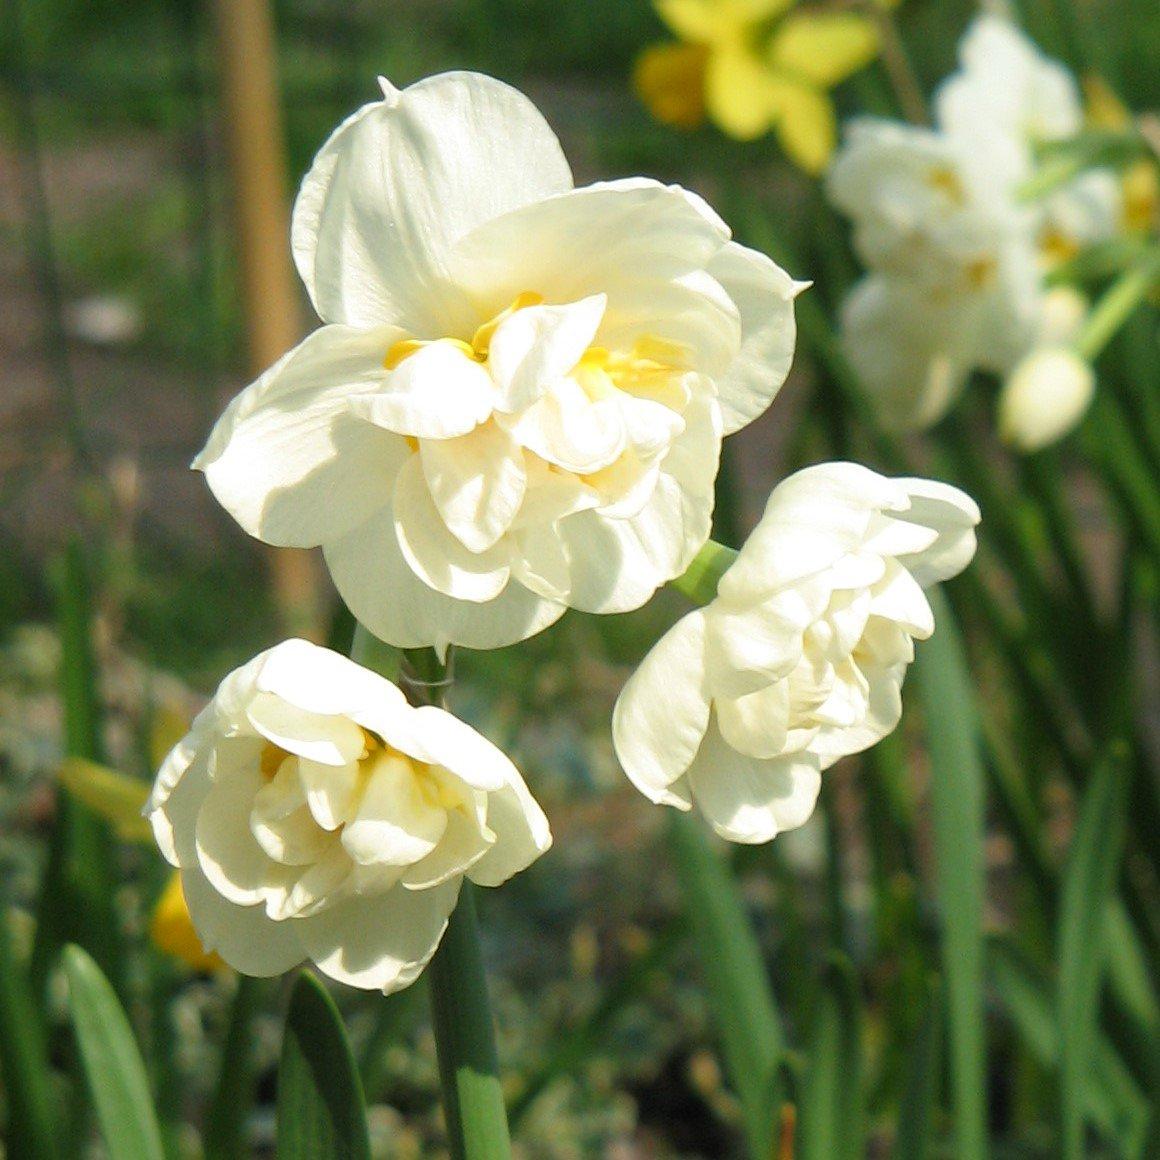 Нарцисс ирен коупленд: описание и характеристики сорта, посадка и уход, отзывы с фото